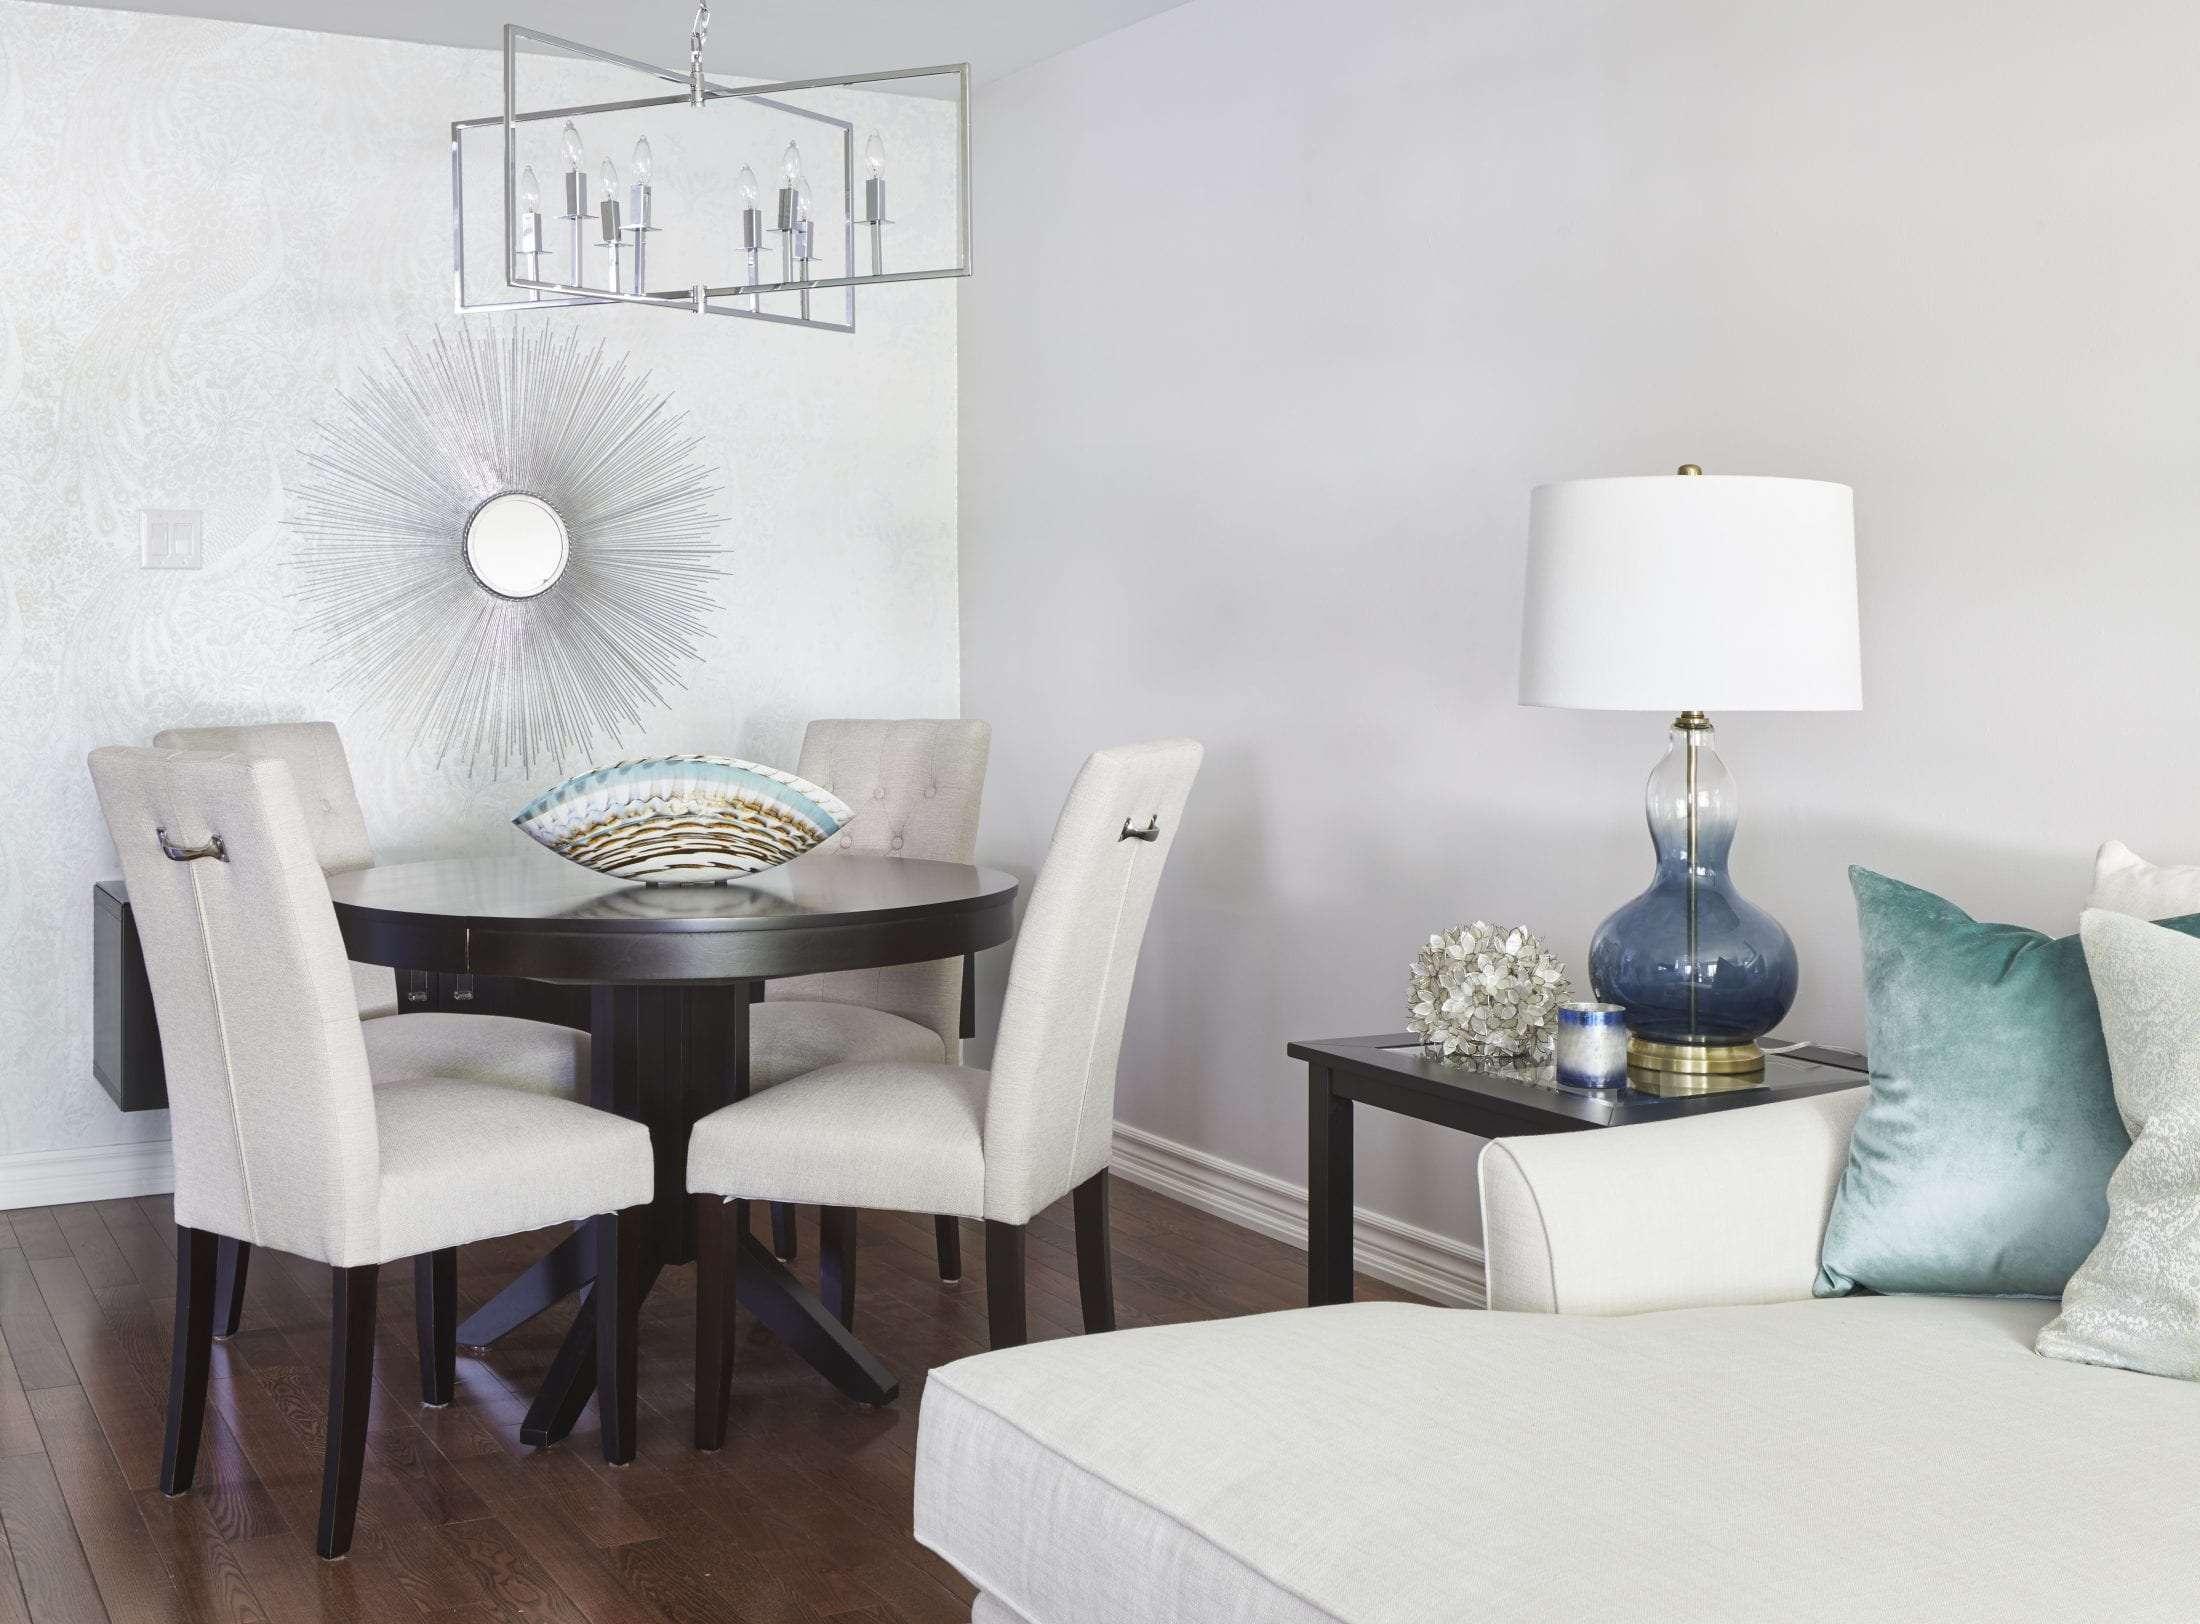 Elegant dining room wallpaper and starburst mirror